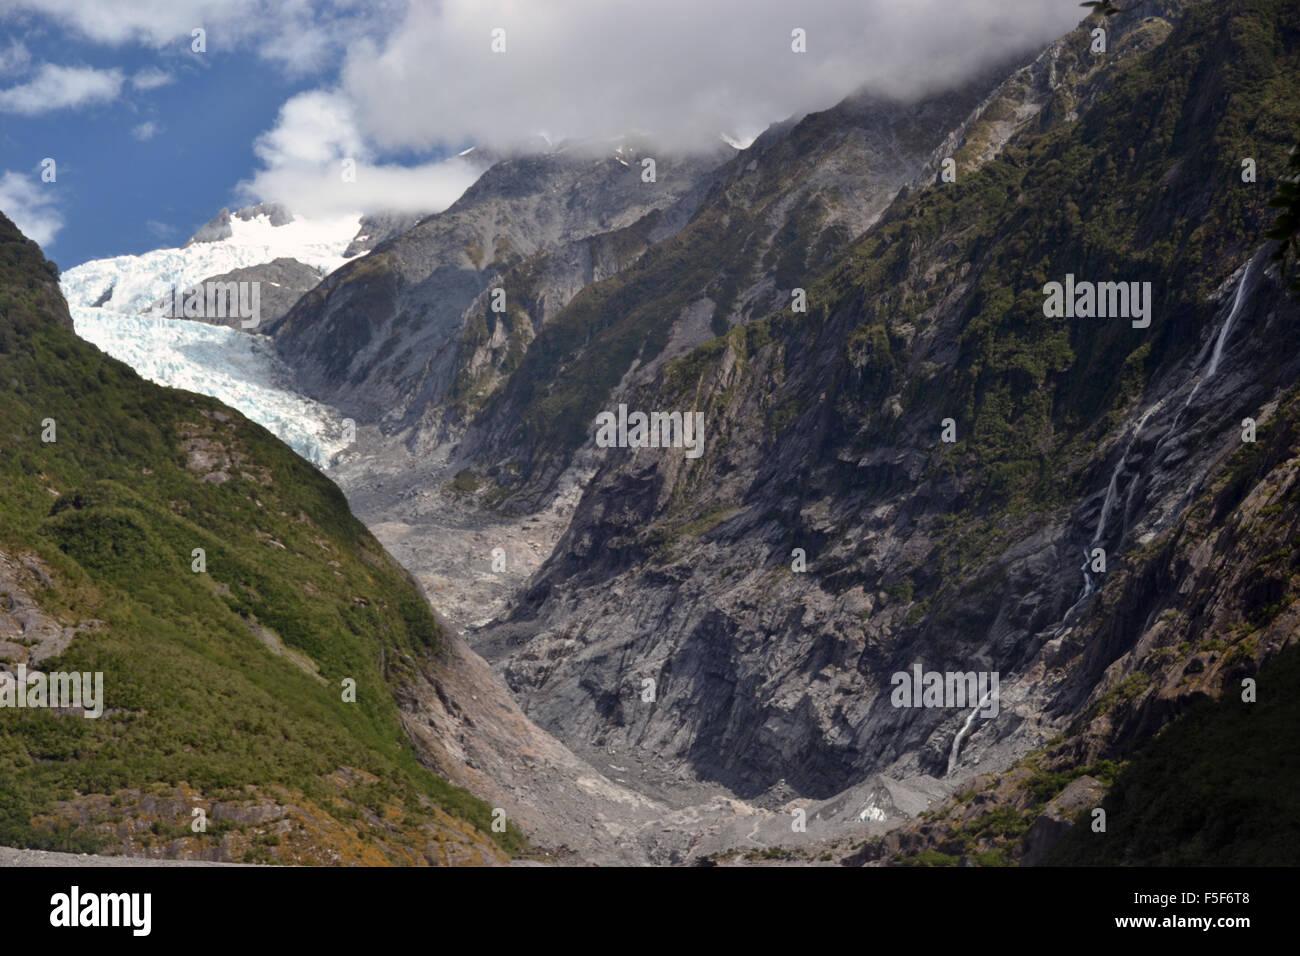 Ghiacciaio Franz Josef, un ghiacciaio a fondere a causa del cambiamento climatico, Franz Josef, Isola del Sud, Nuova Immagini Stock